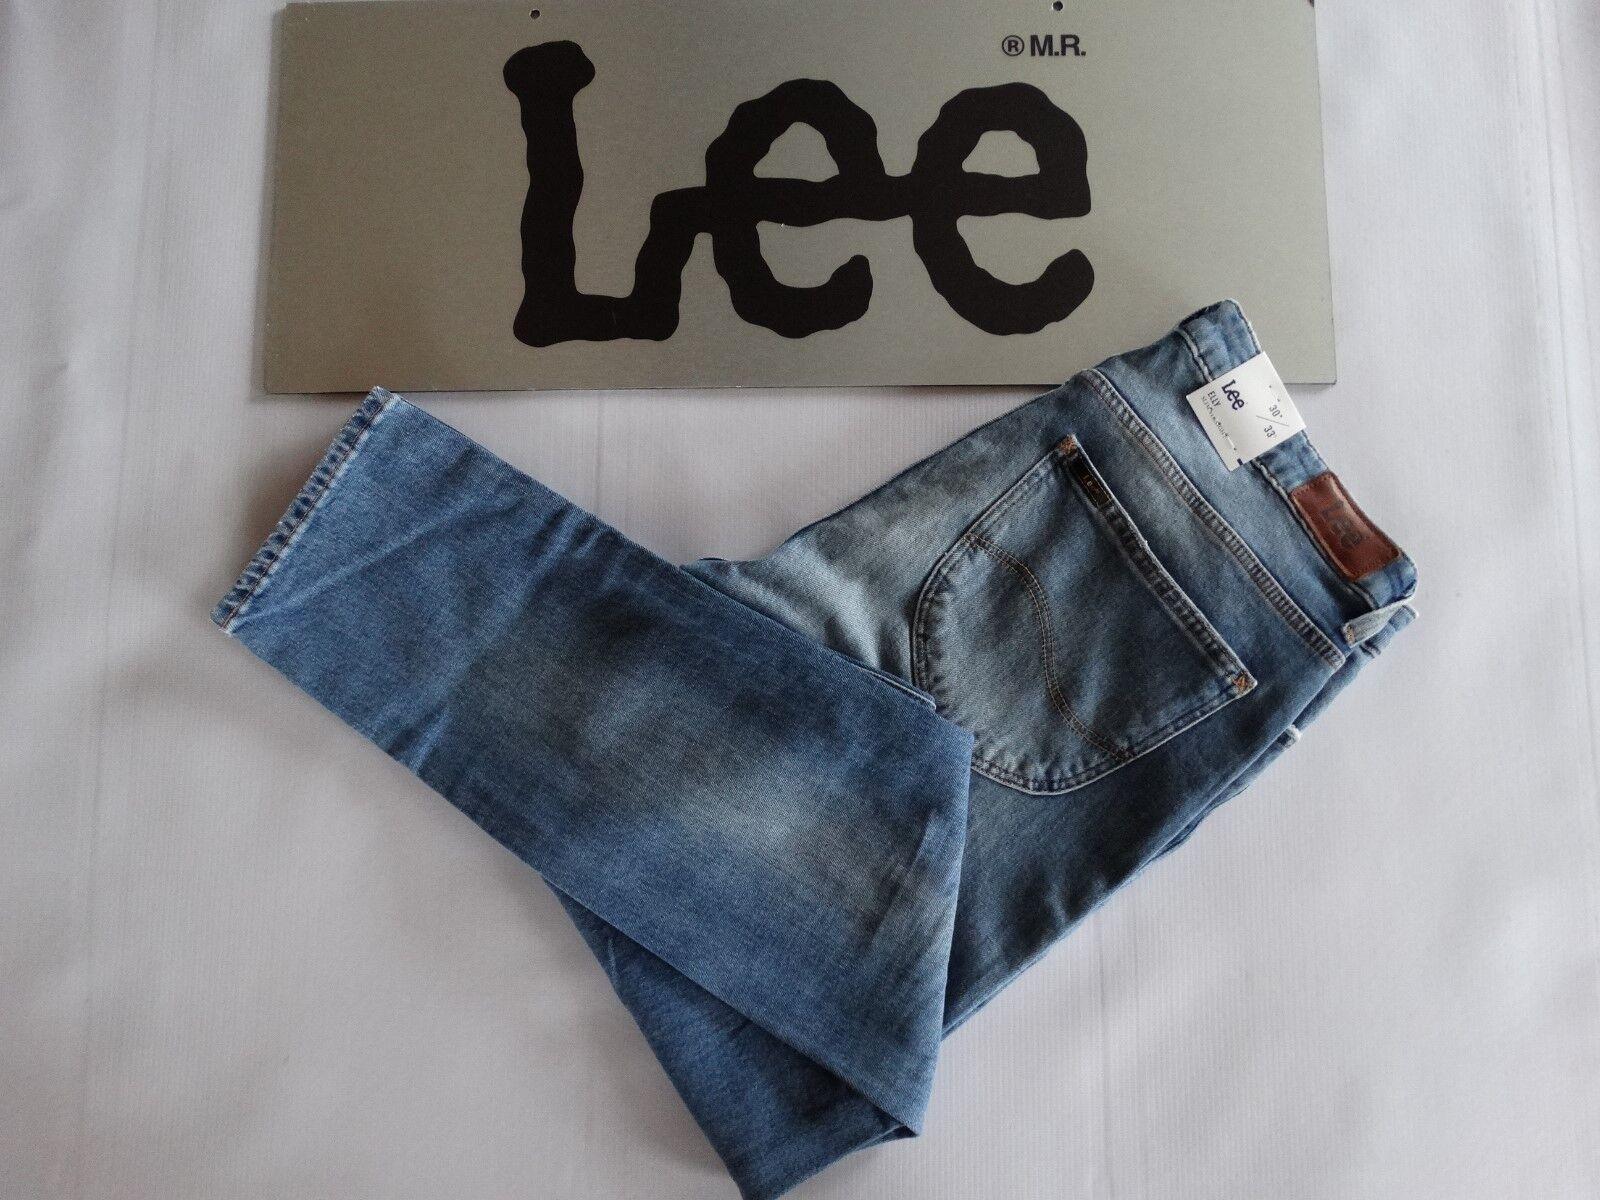 LEE Elly - Slim Straight - Light Shade, L305APDF - BNWT